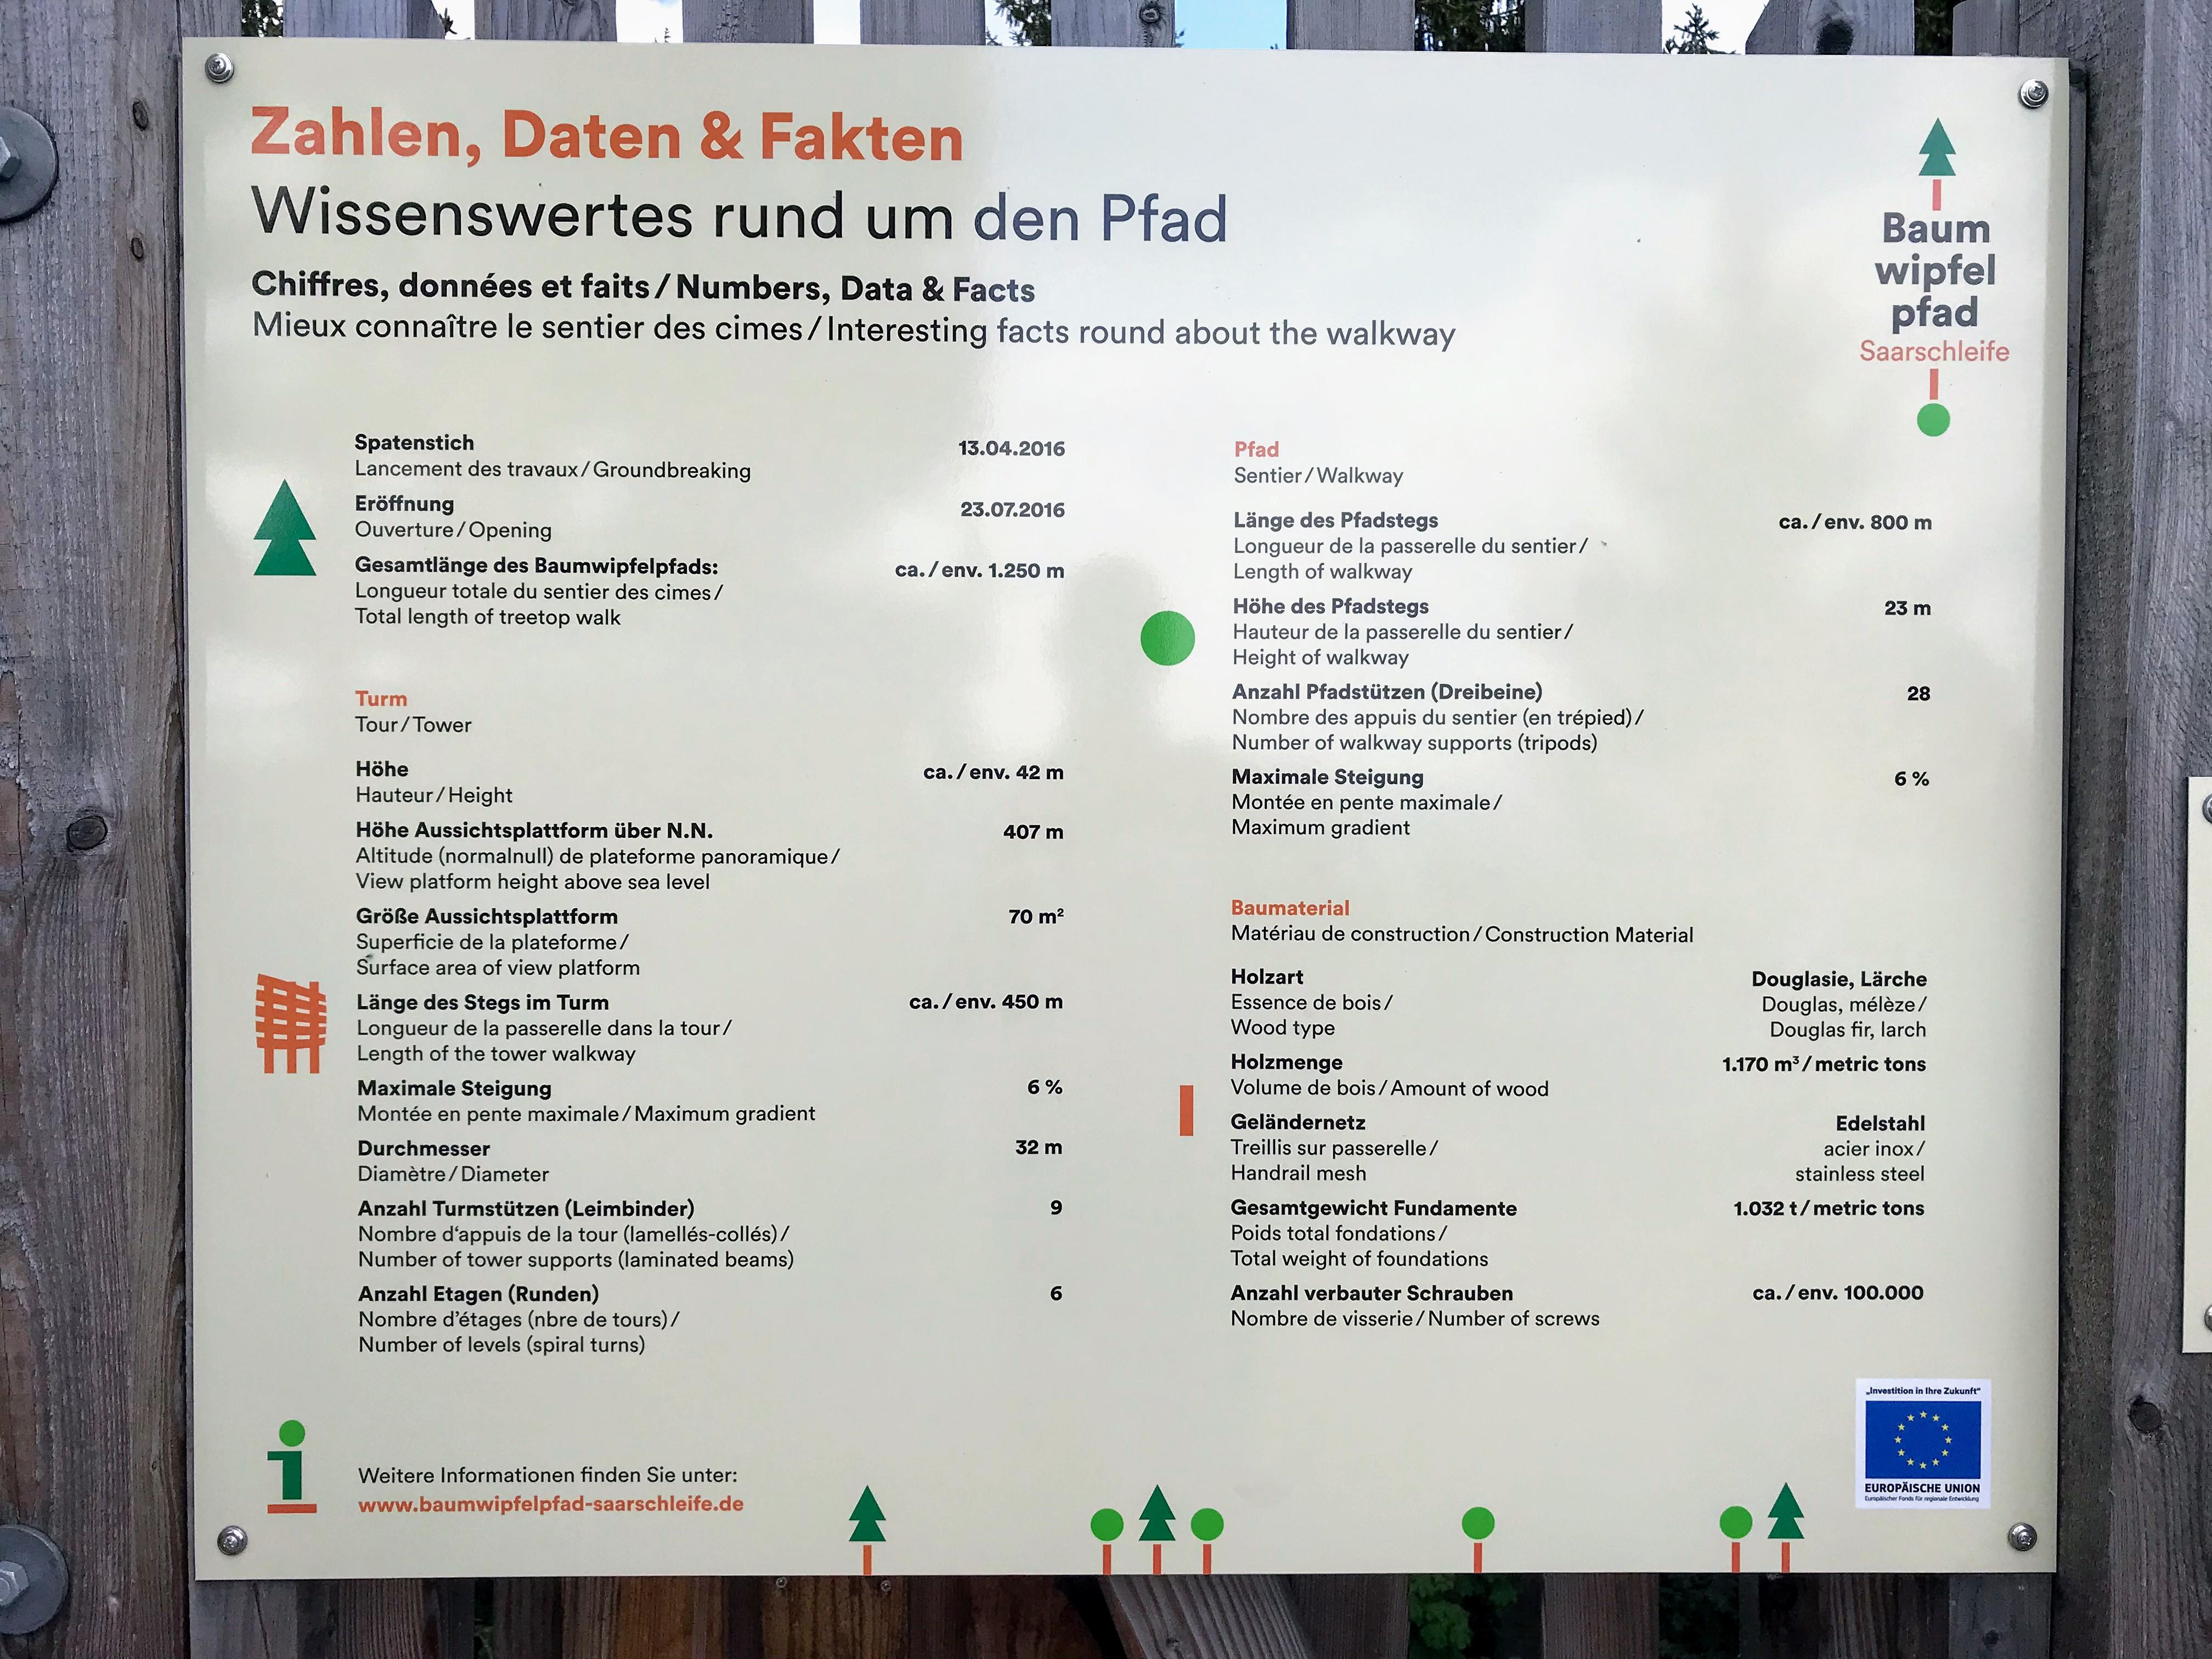 Hoogte en lengte baumwipfelpad Saarschleife Mettlach